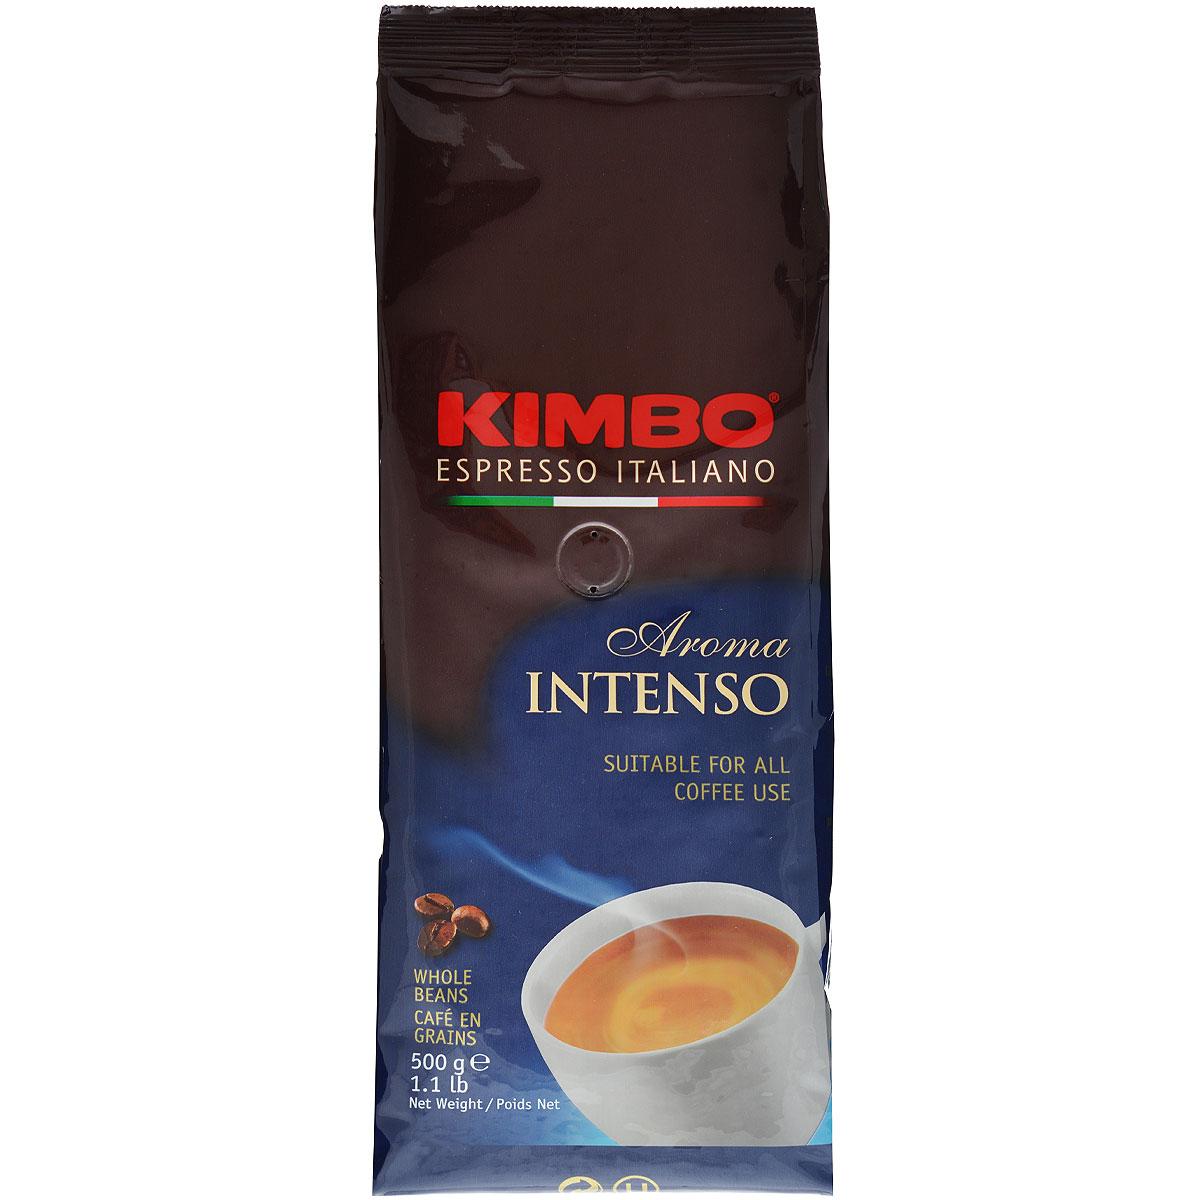 Kimbo Aroma Intenso кофе в зернах, 500 г101246Натуральный жареный кофе в зернах Kimbo Aroma Intenso. Крепкий, с шоколадным послевкусием и ярким ароматом. Изысканная смесь арабики и робусты придаёт «Кимбо Арома Интенсо» насыщенный вкус. Состав смеси: 80% арабика, 20% робуста.